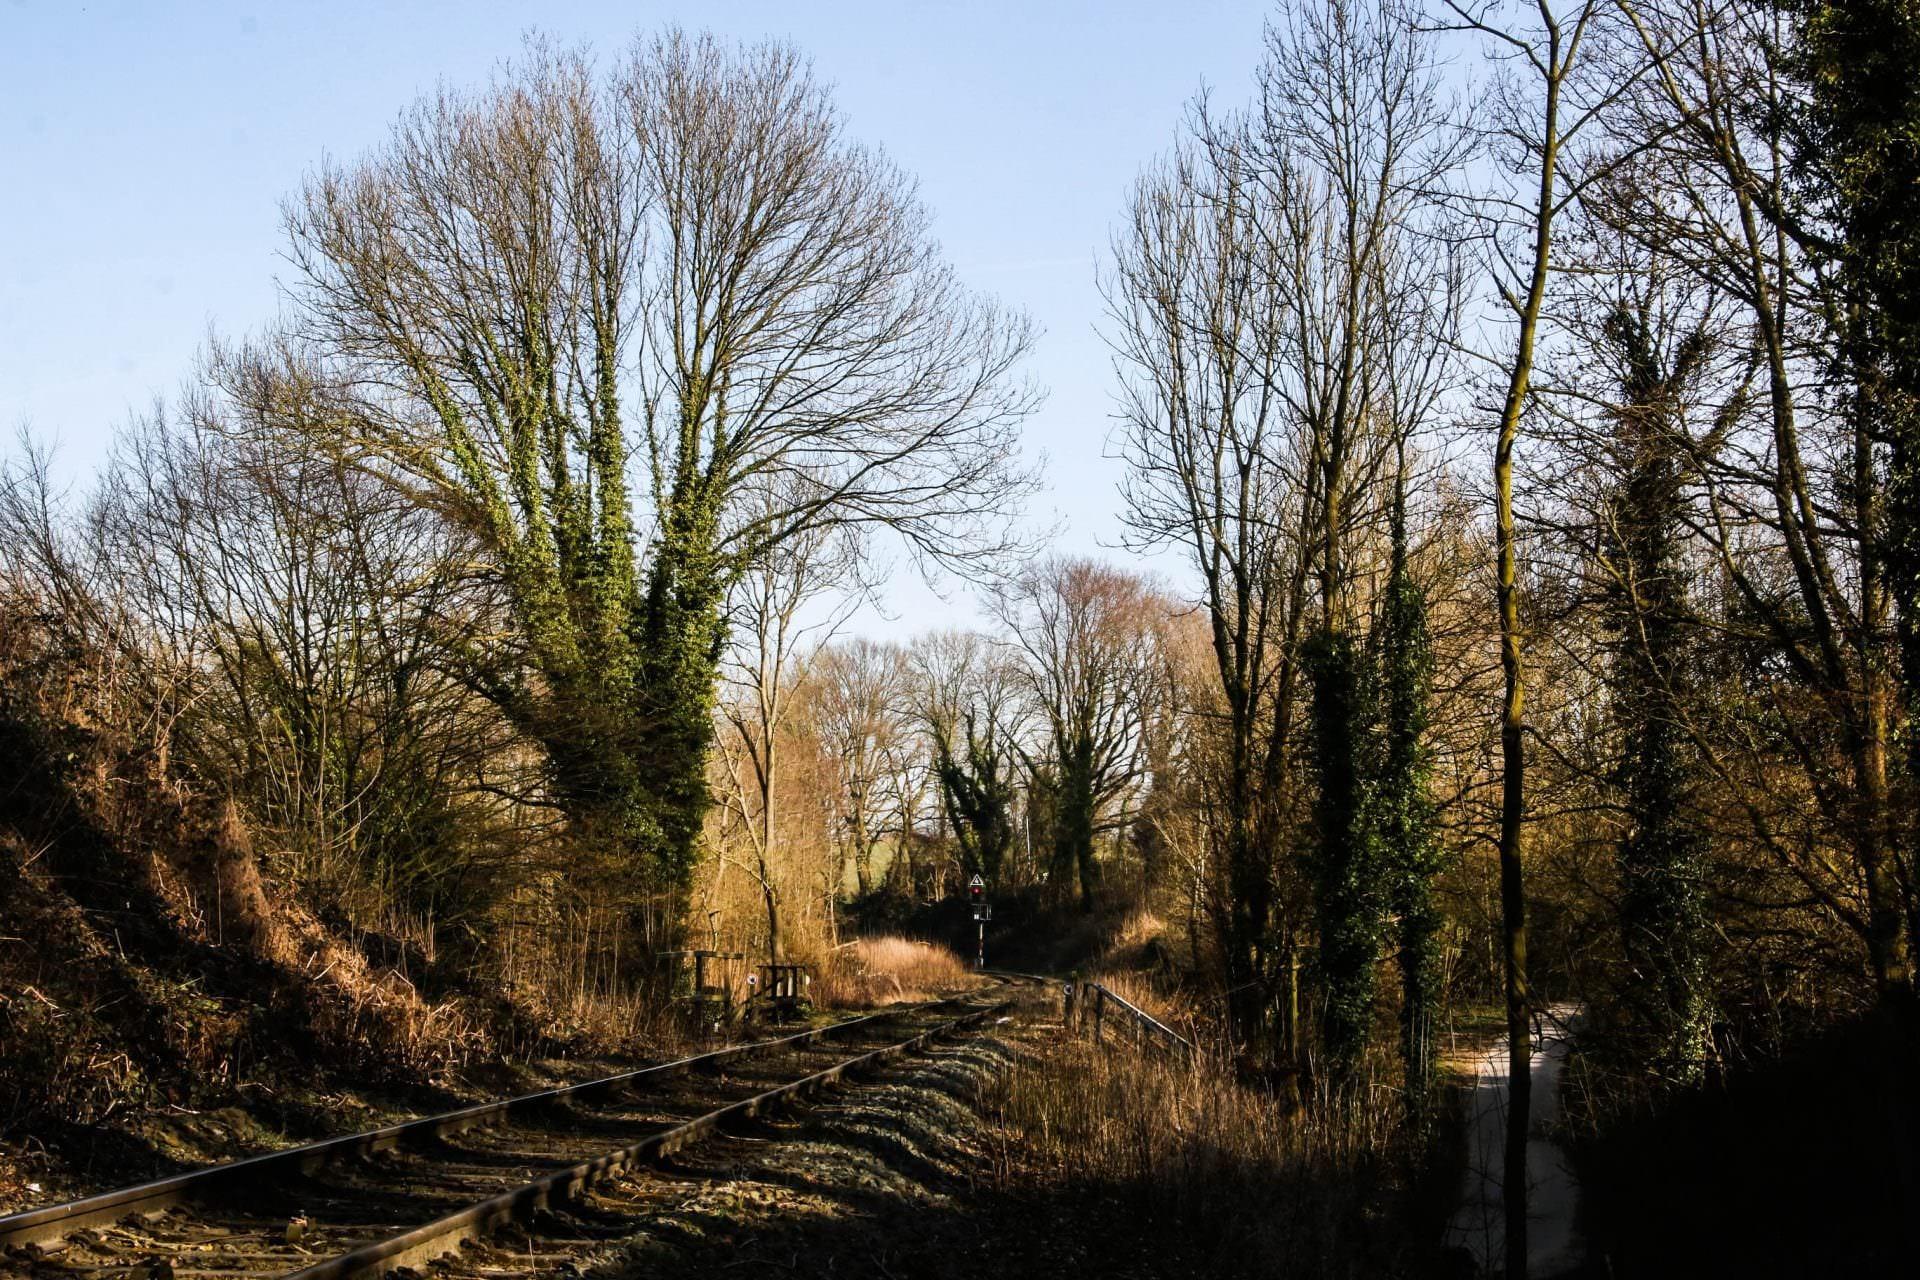 Strecke Abzweig Tiefenbroich nach Flandersbach (Zu sehen ist das Einfahrsignal des Bahnhofes Flandersbach)